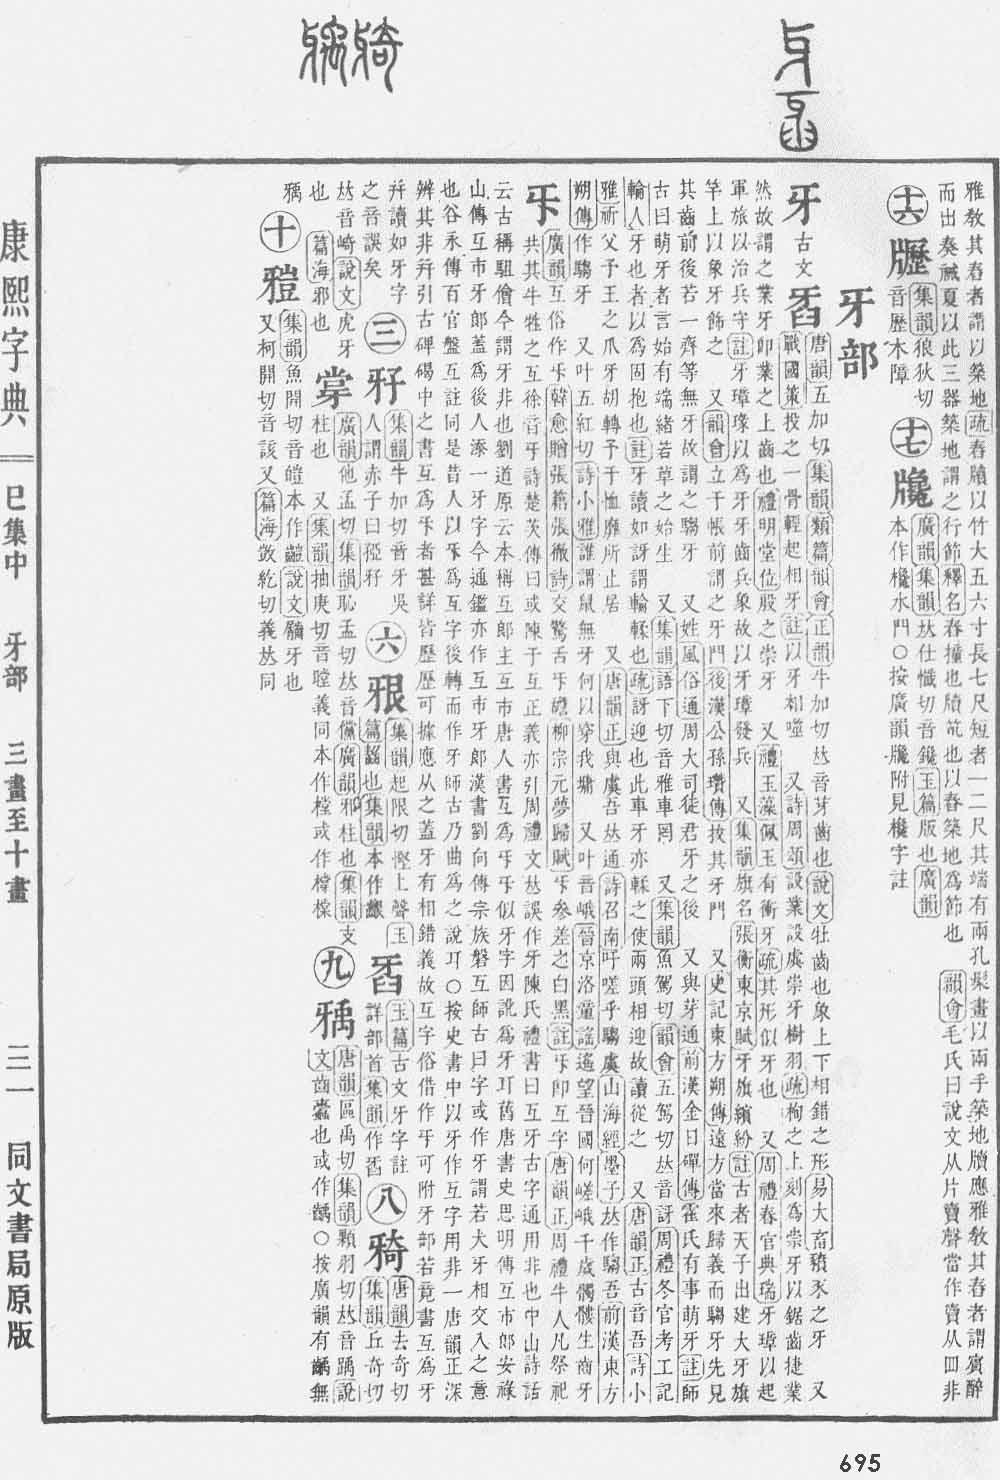 《康熙字典》第695页